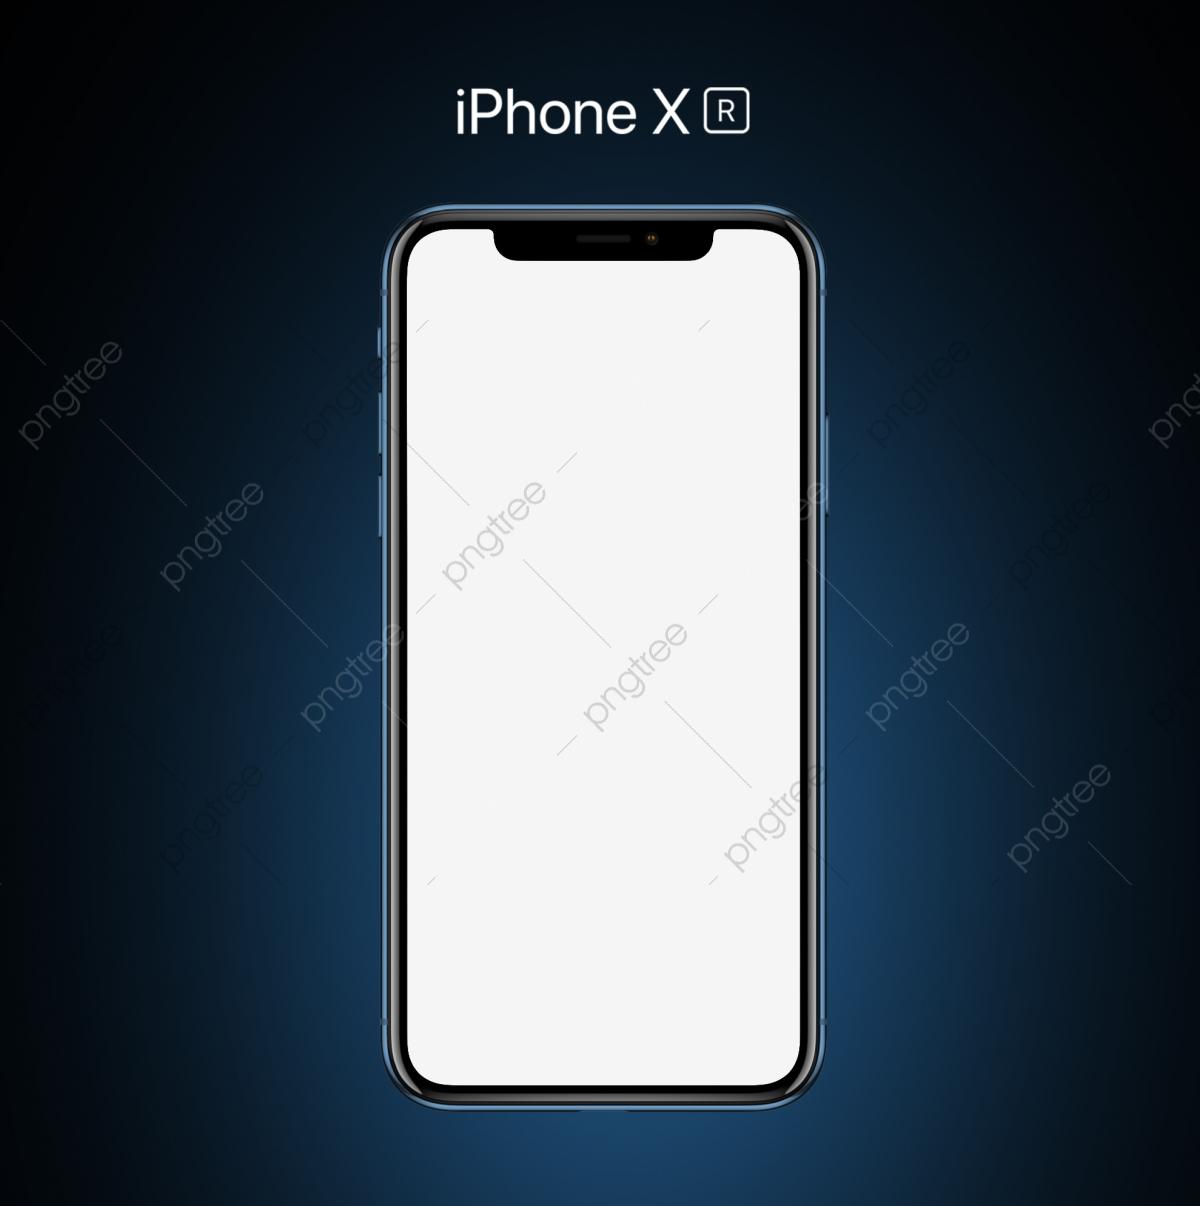 Iphone Xr голубой макет Phototype, Iphone, Xr, хс мобильный PNG и PSD-файл  для бесплатной загрузки